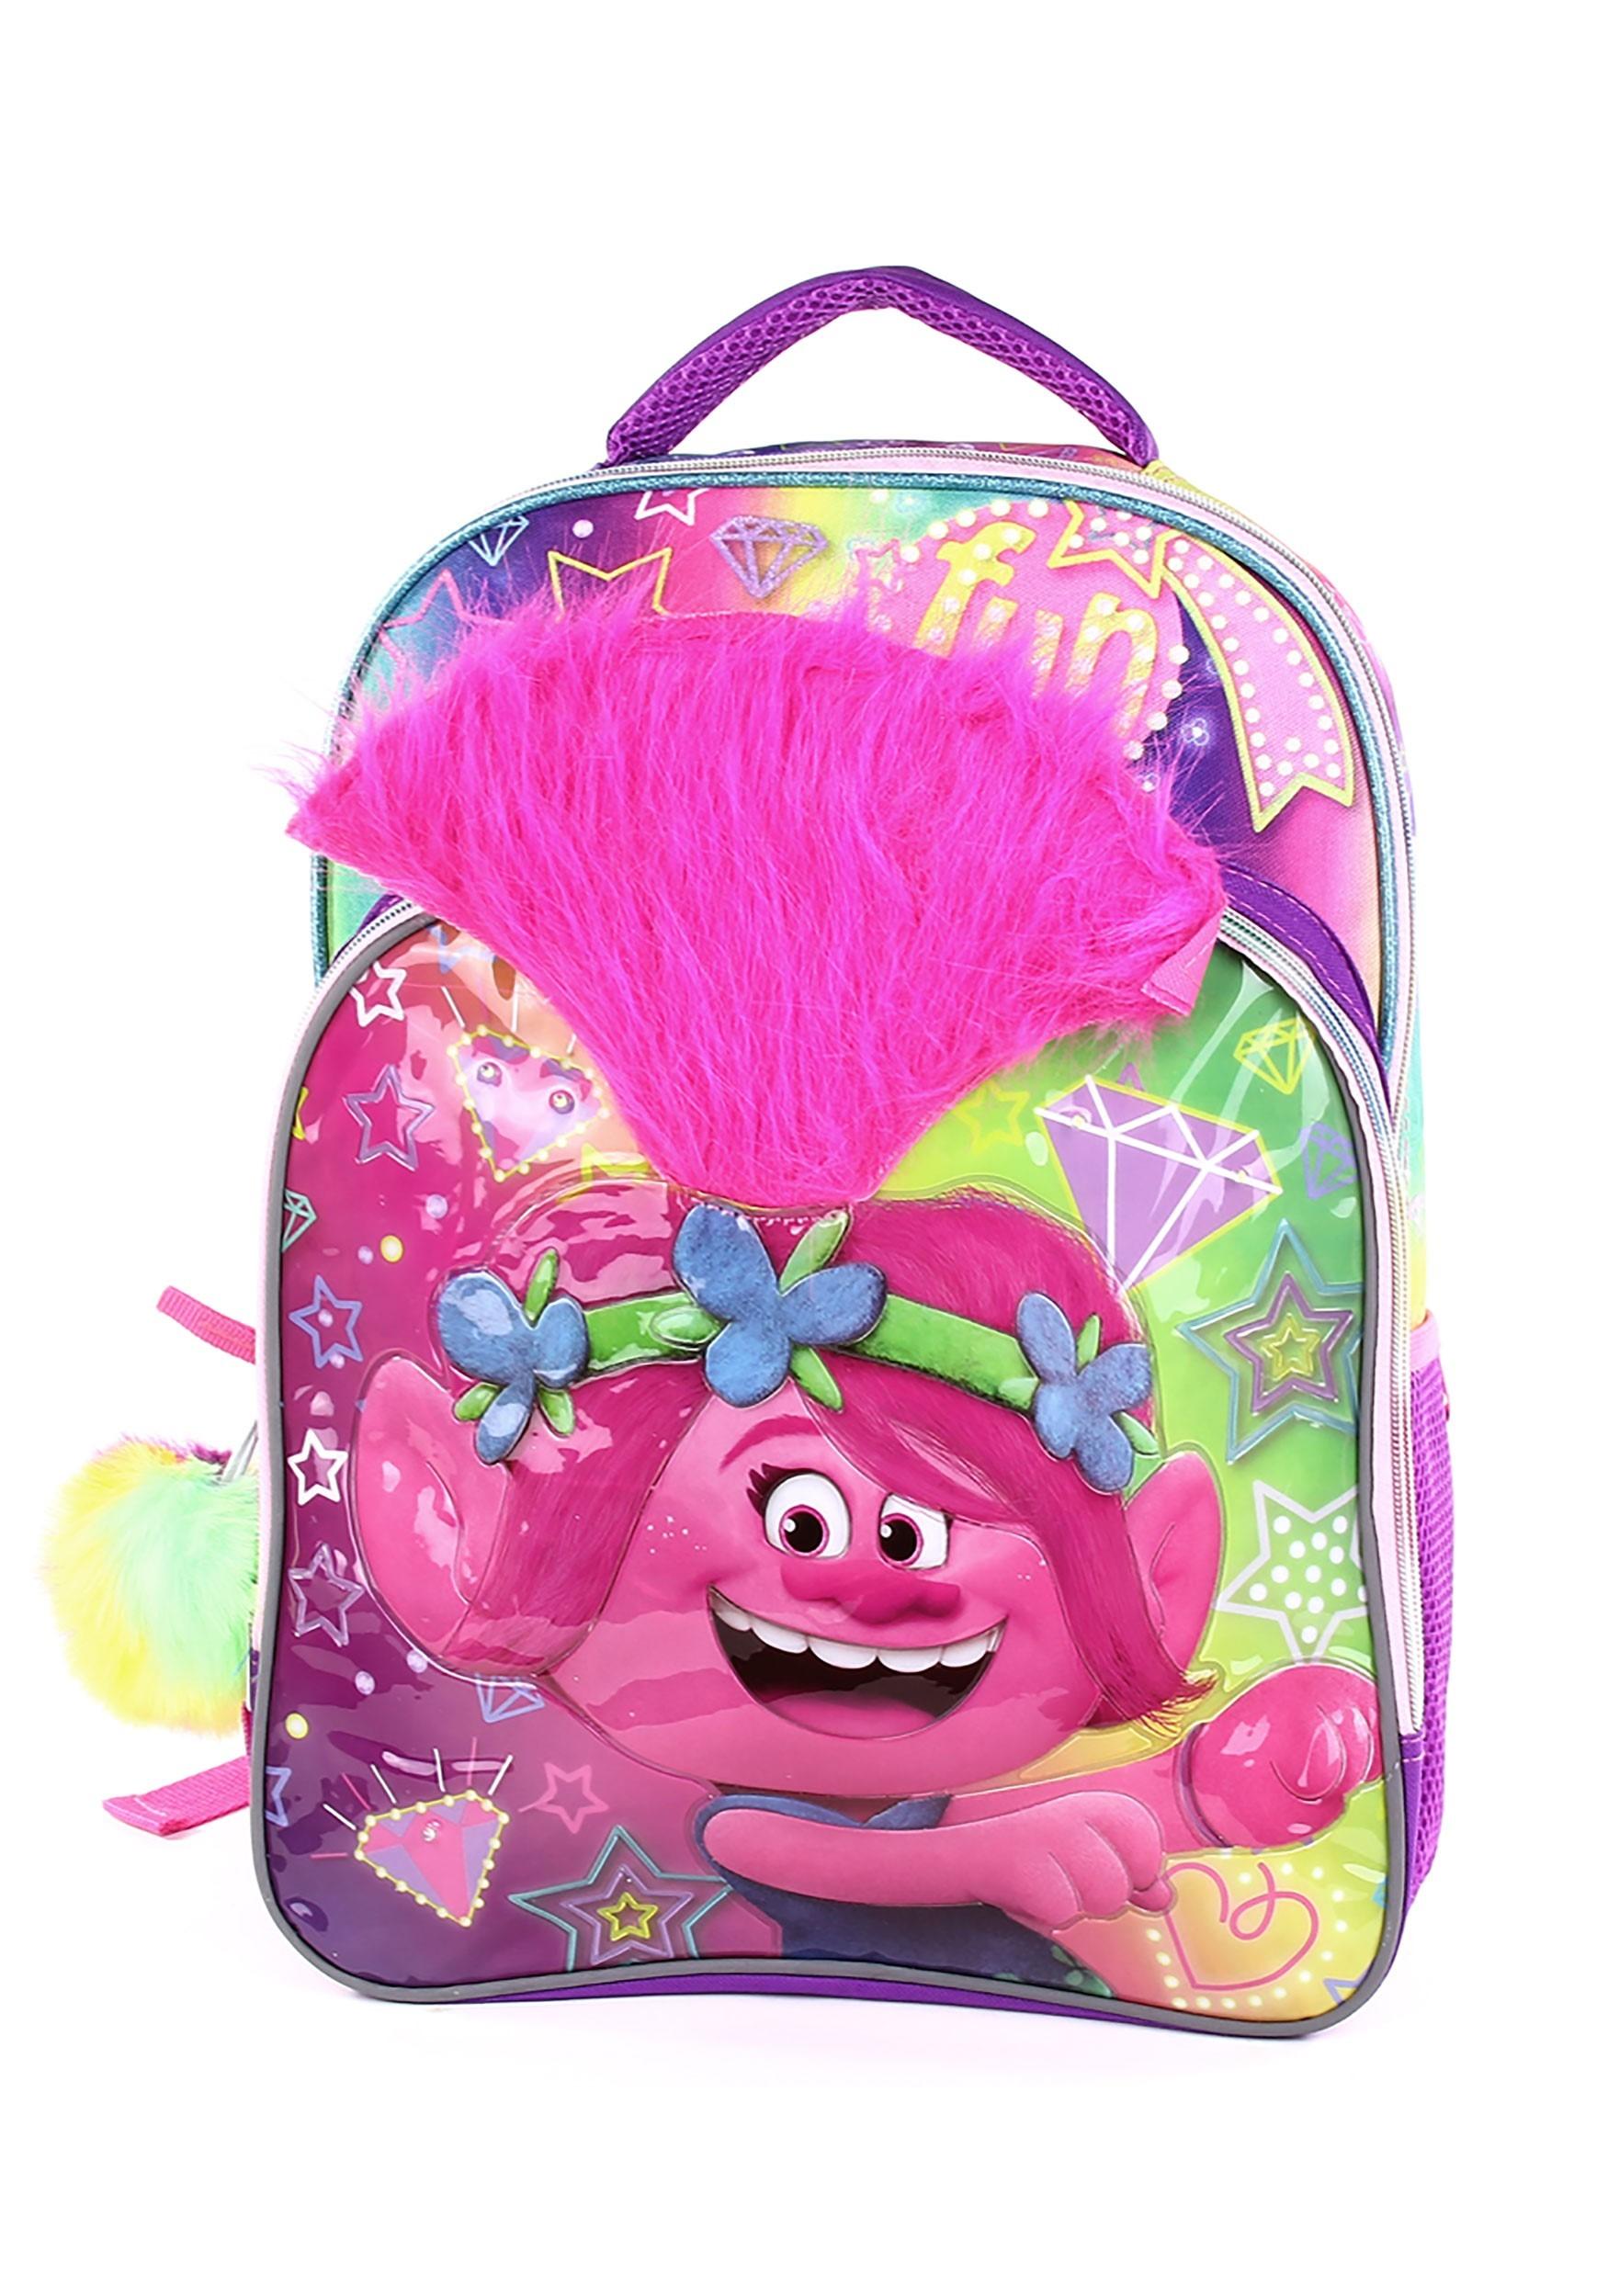 Poppy Lover Poppy Poppy Backpack Adult Poppy Backpack Kid Poppy Gift Poppy Backpack